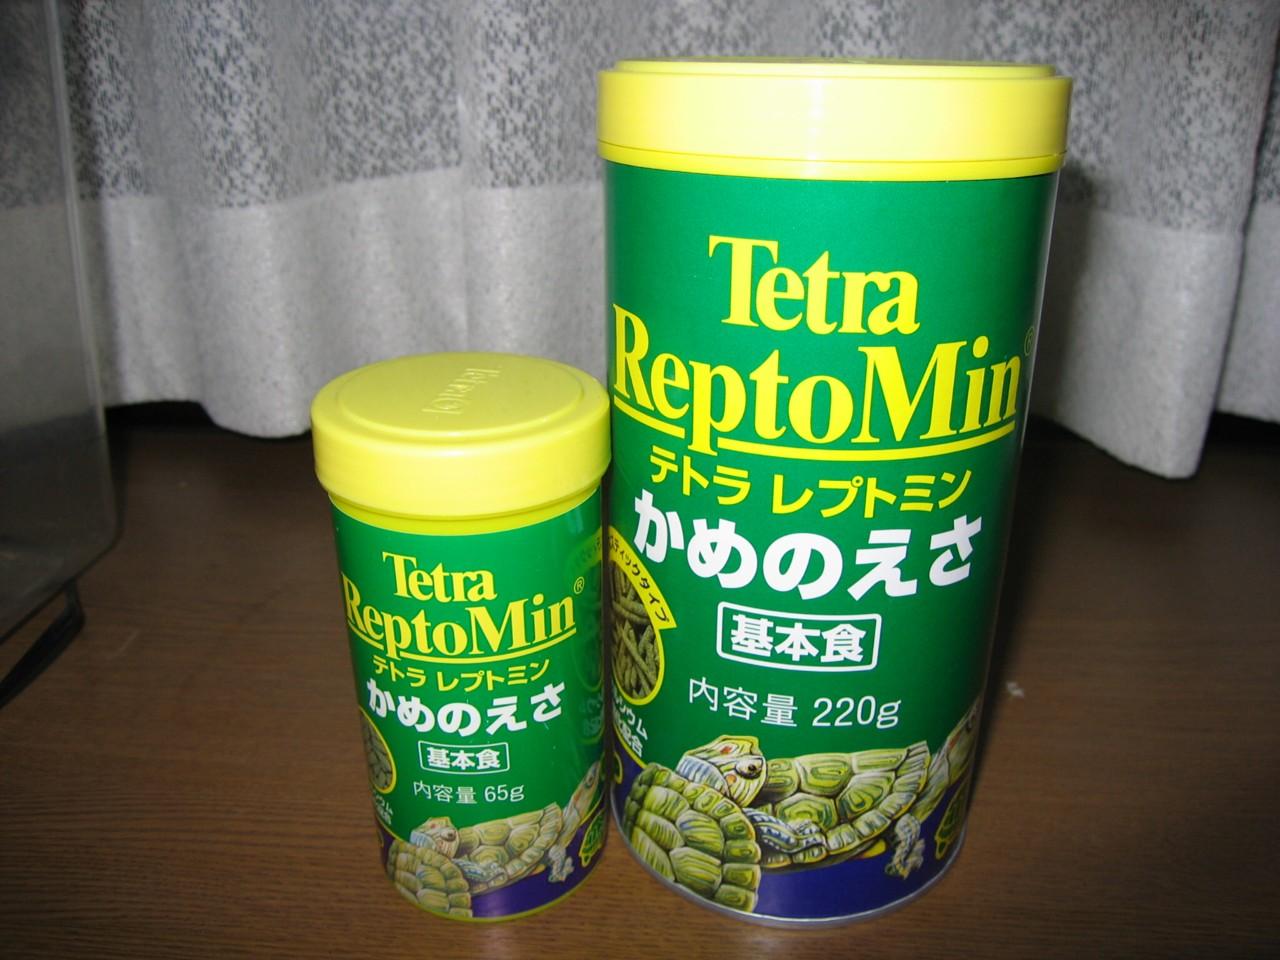 レプトミン容器大きさ比較